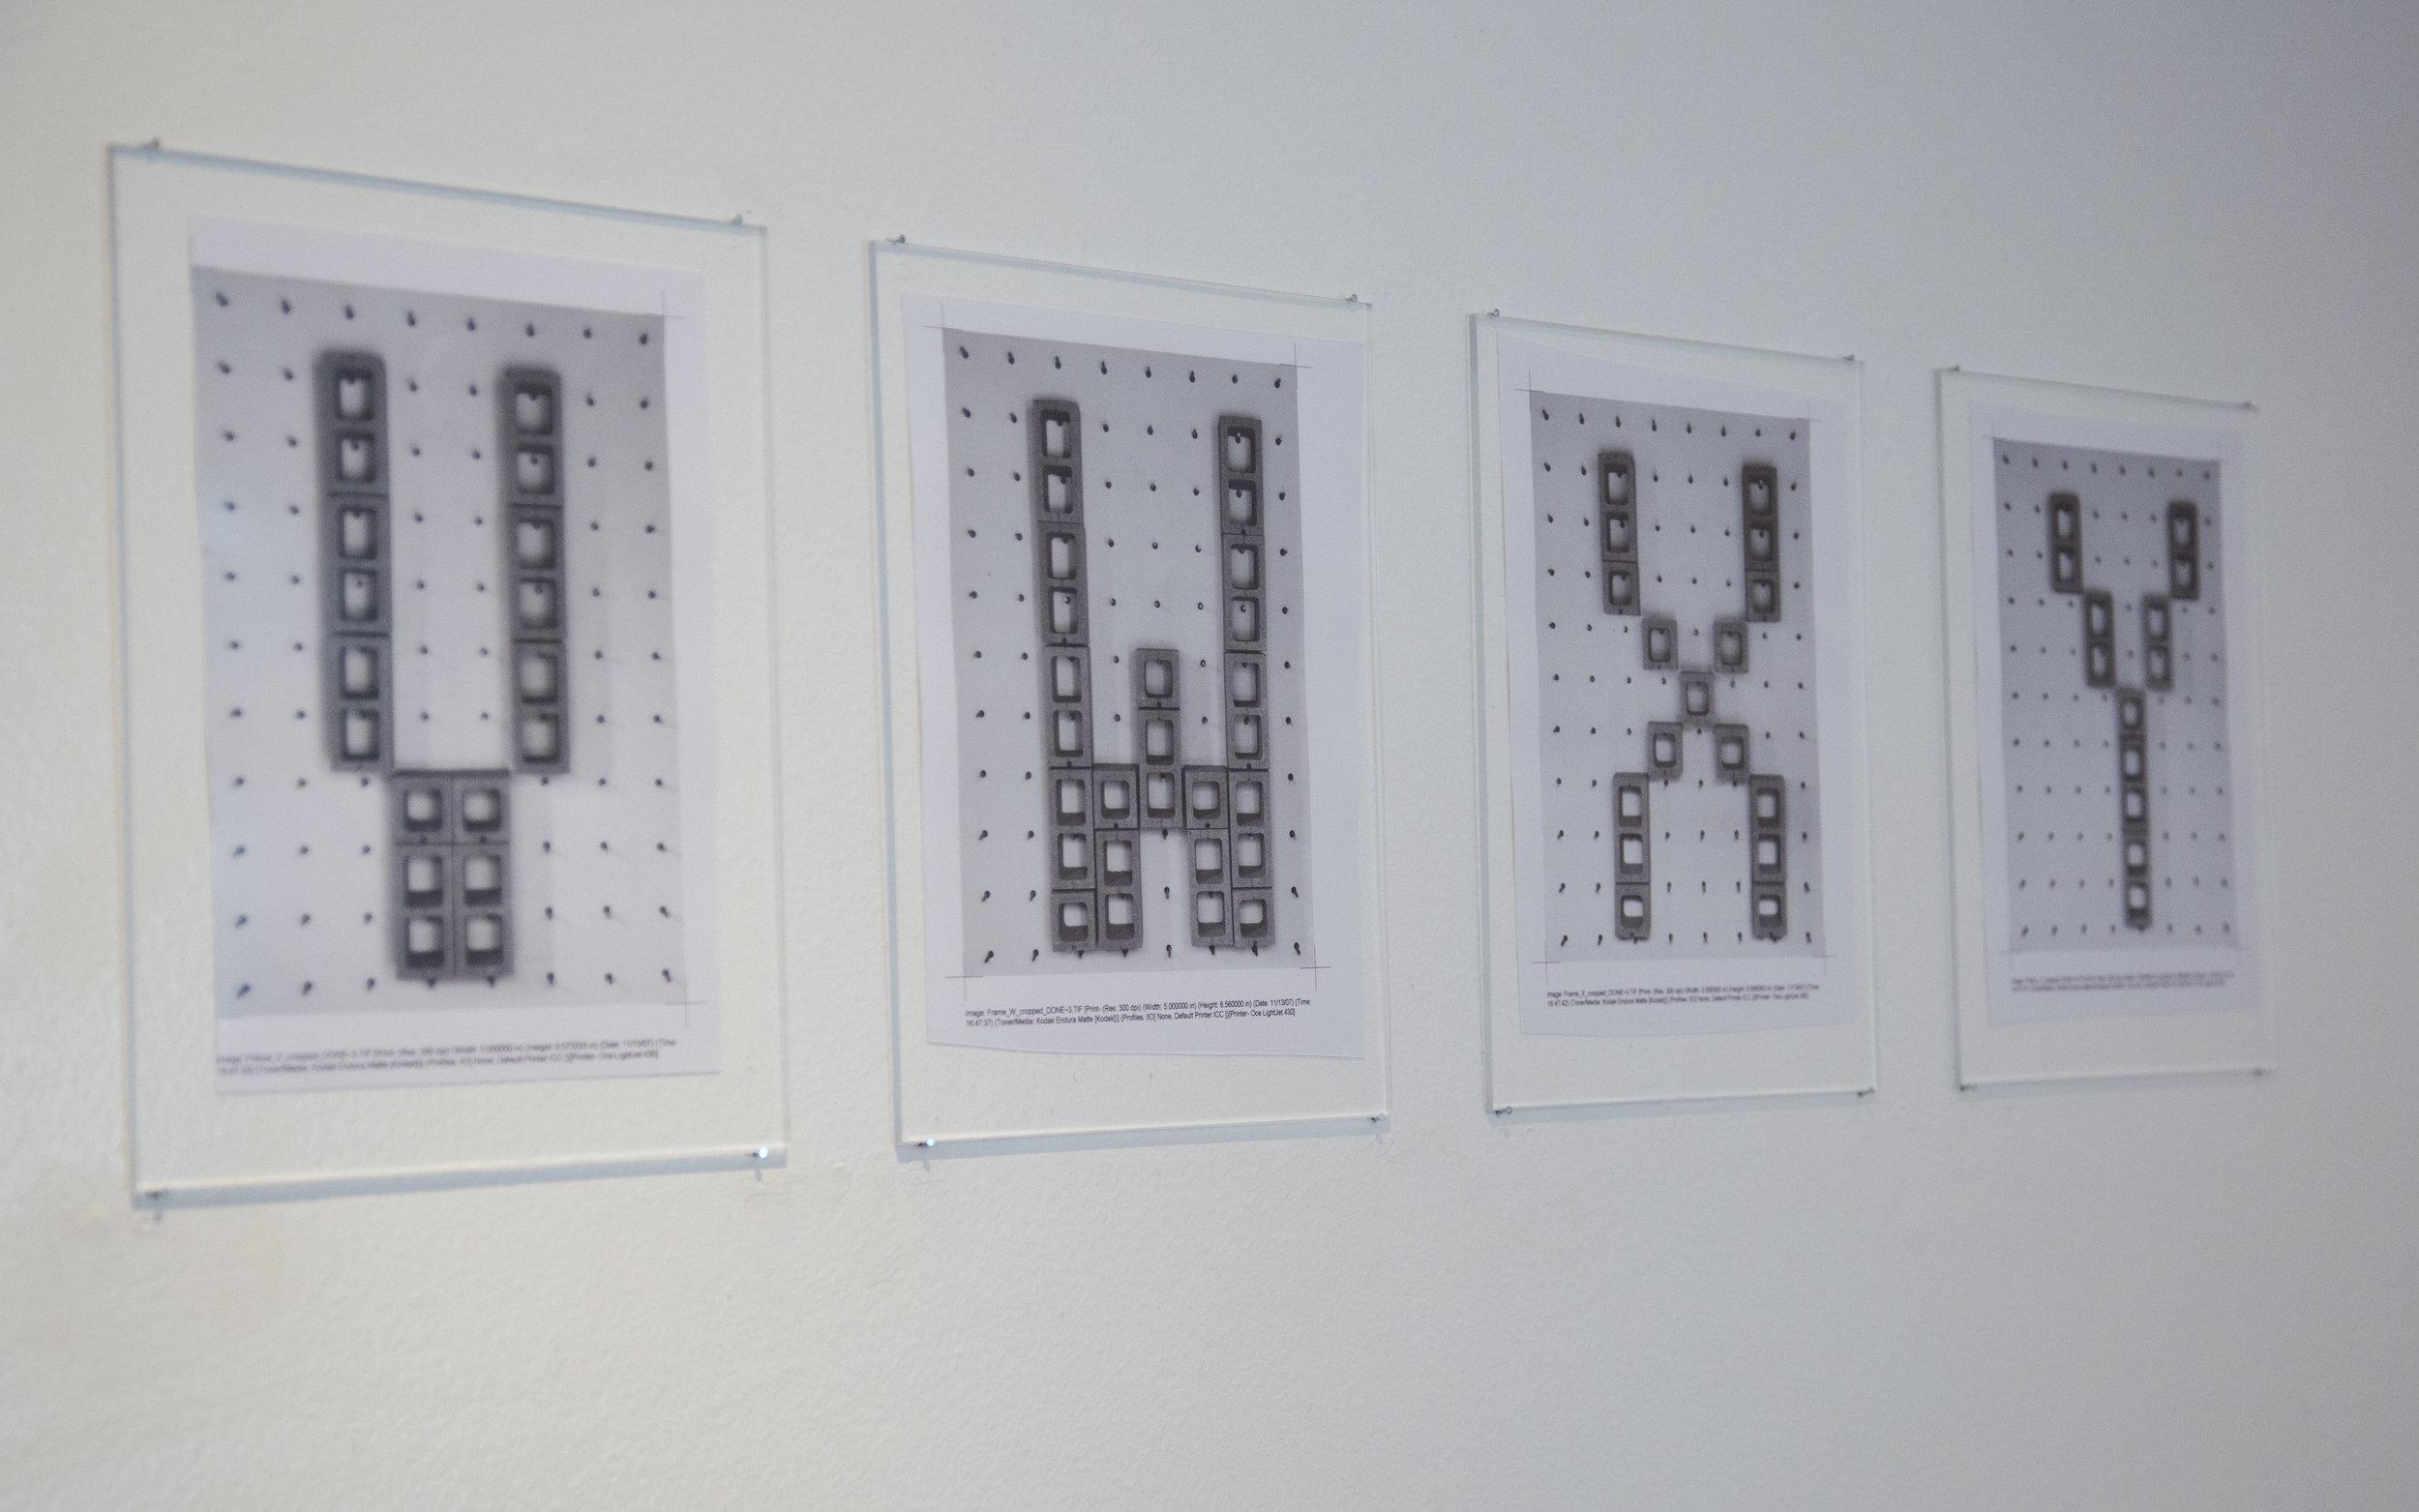 Shannon Ebner   STRIKE / VWXY,  2009 - 2018, Digital Type 'C' prints, Dimensions variable, Unique